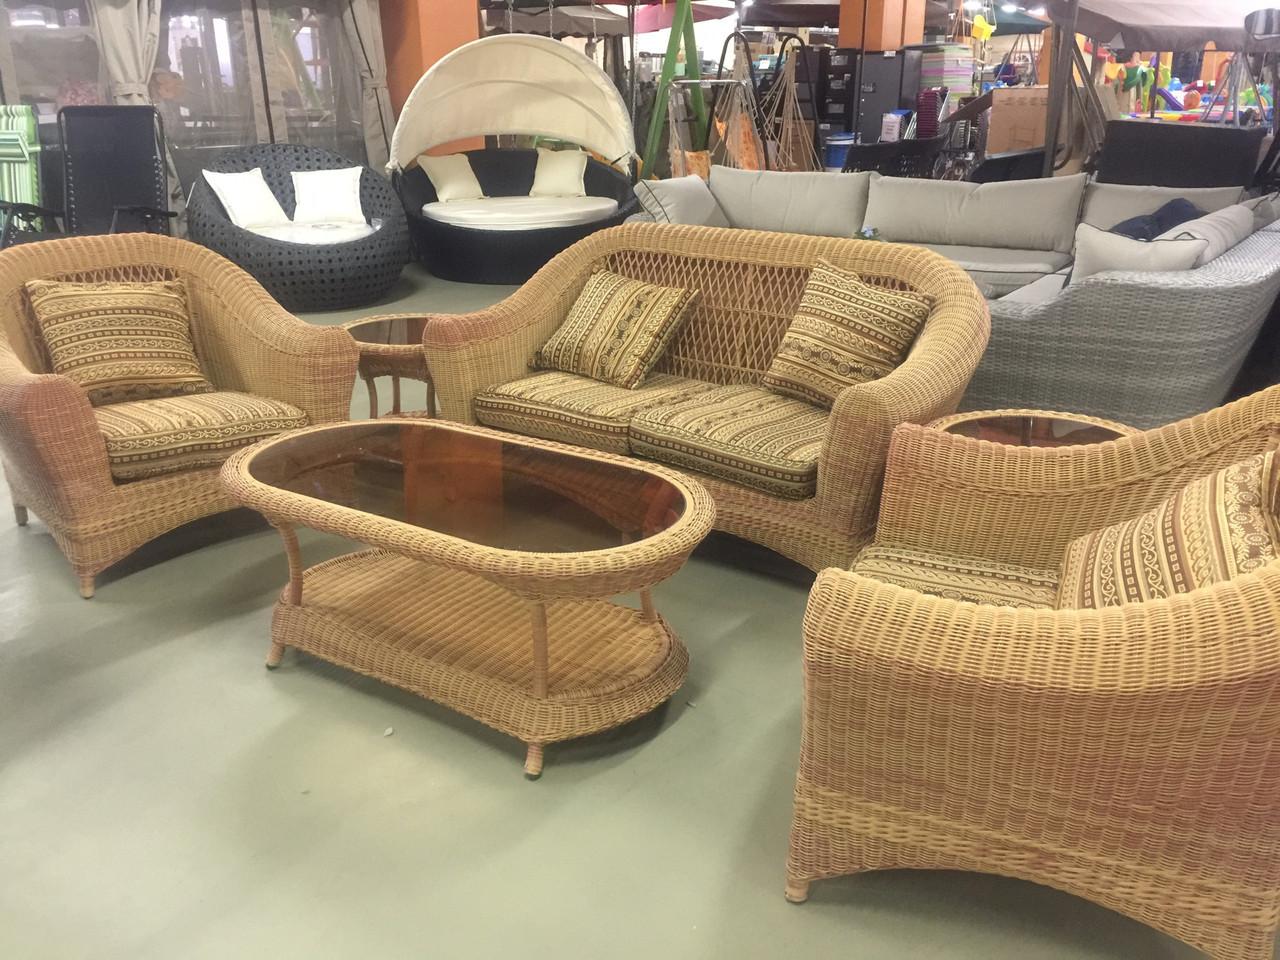 Комплект мебели софа два кресла столик плюс два столика придиванных